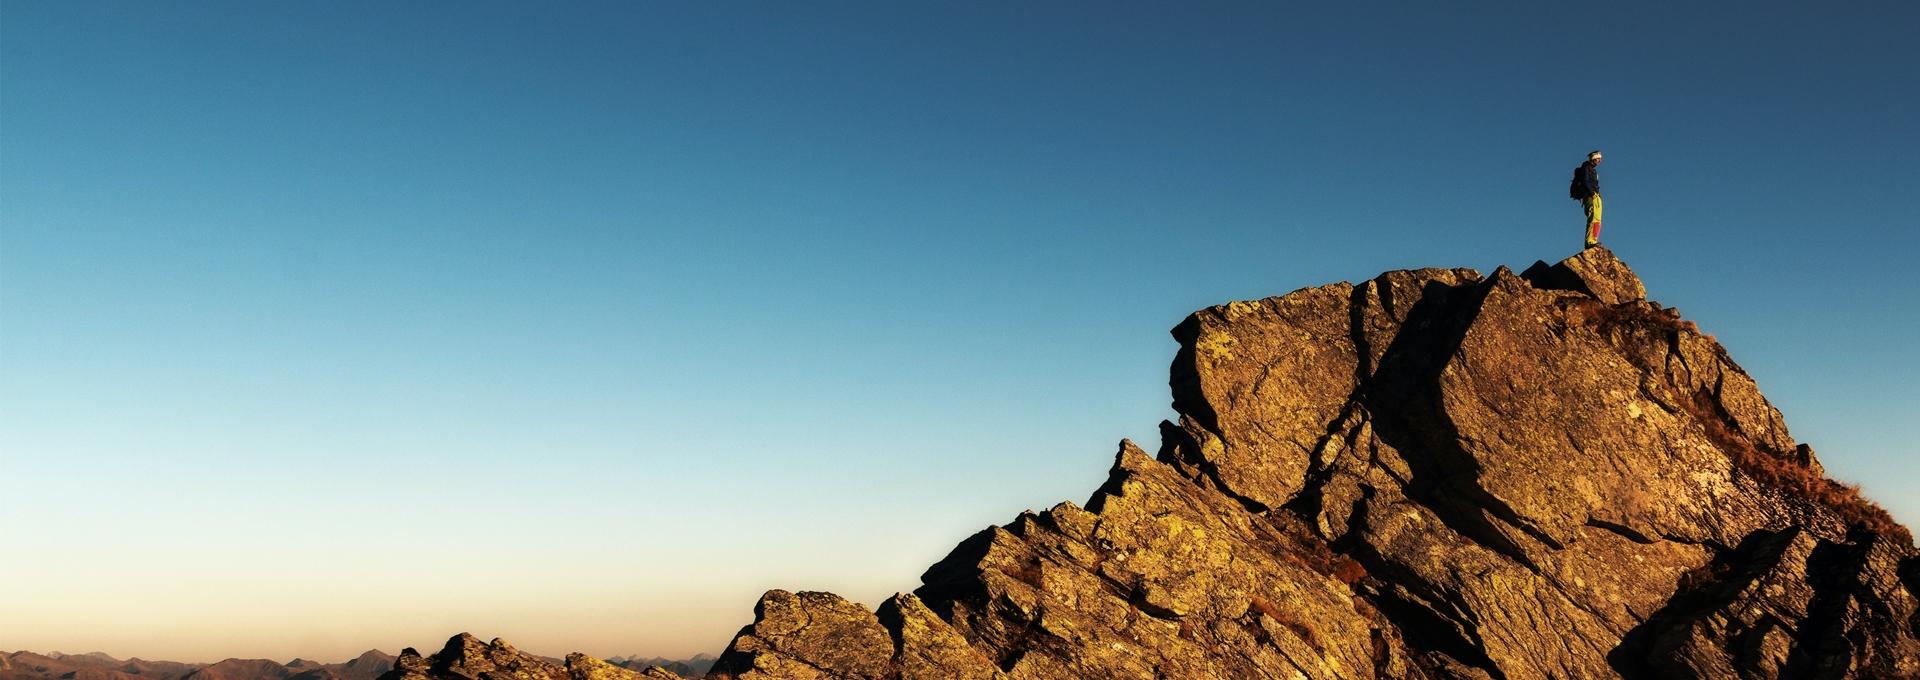 Как достичь успеха в жизни: от принципов к действиям